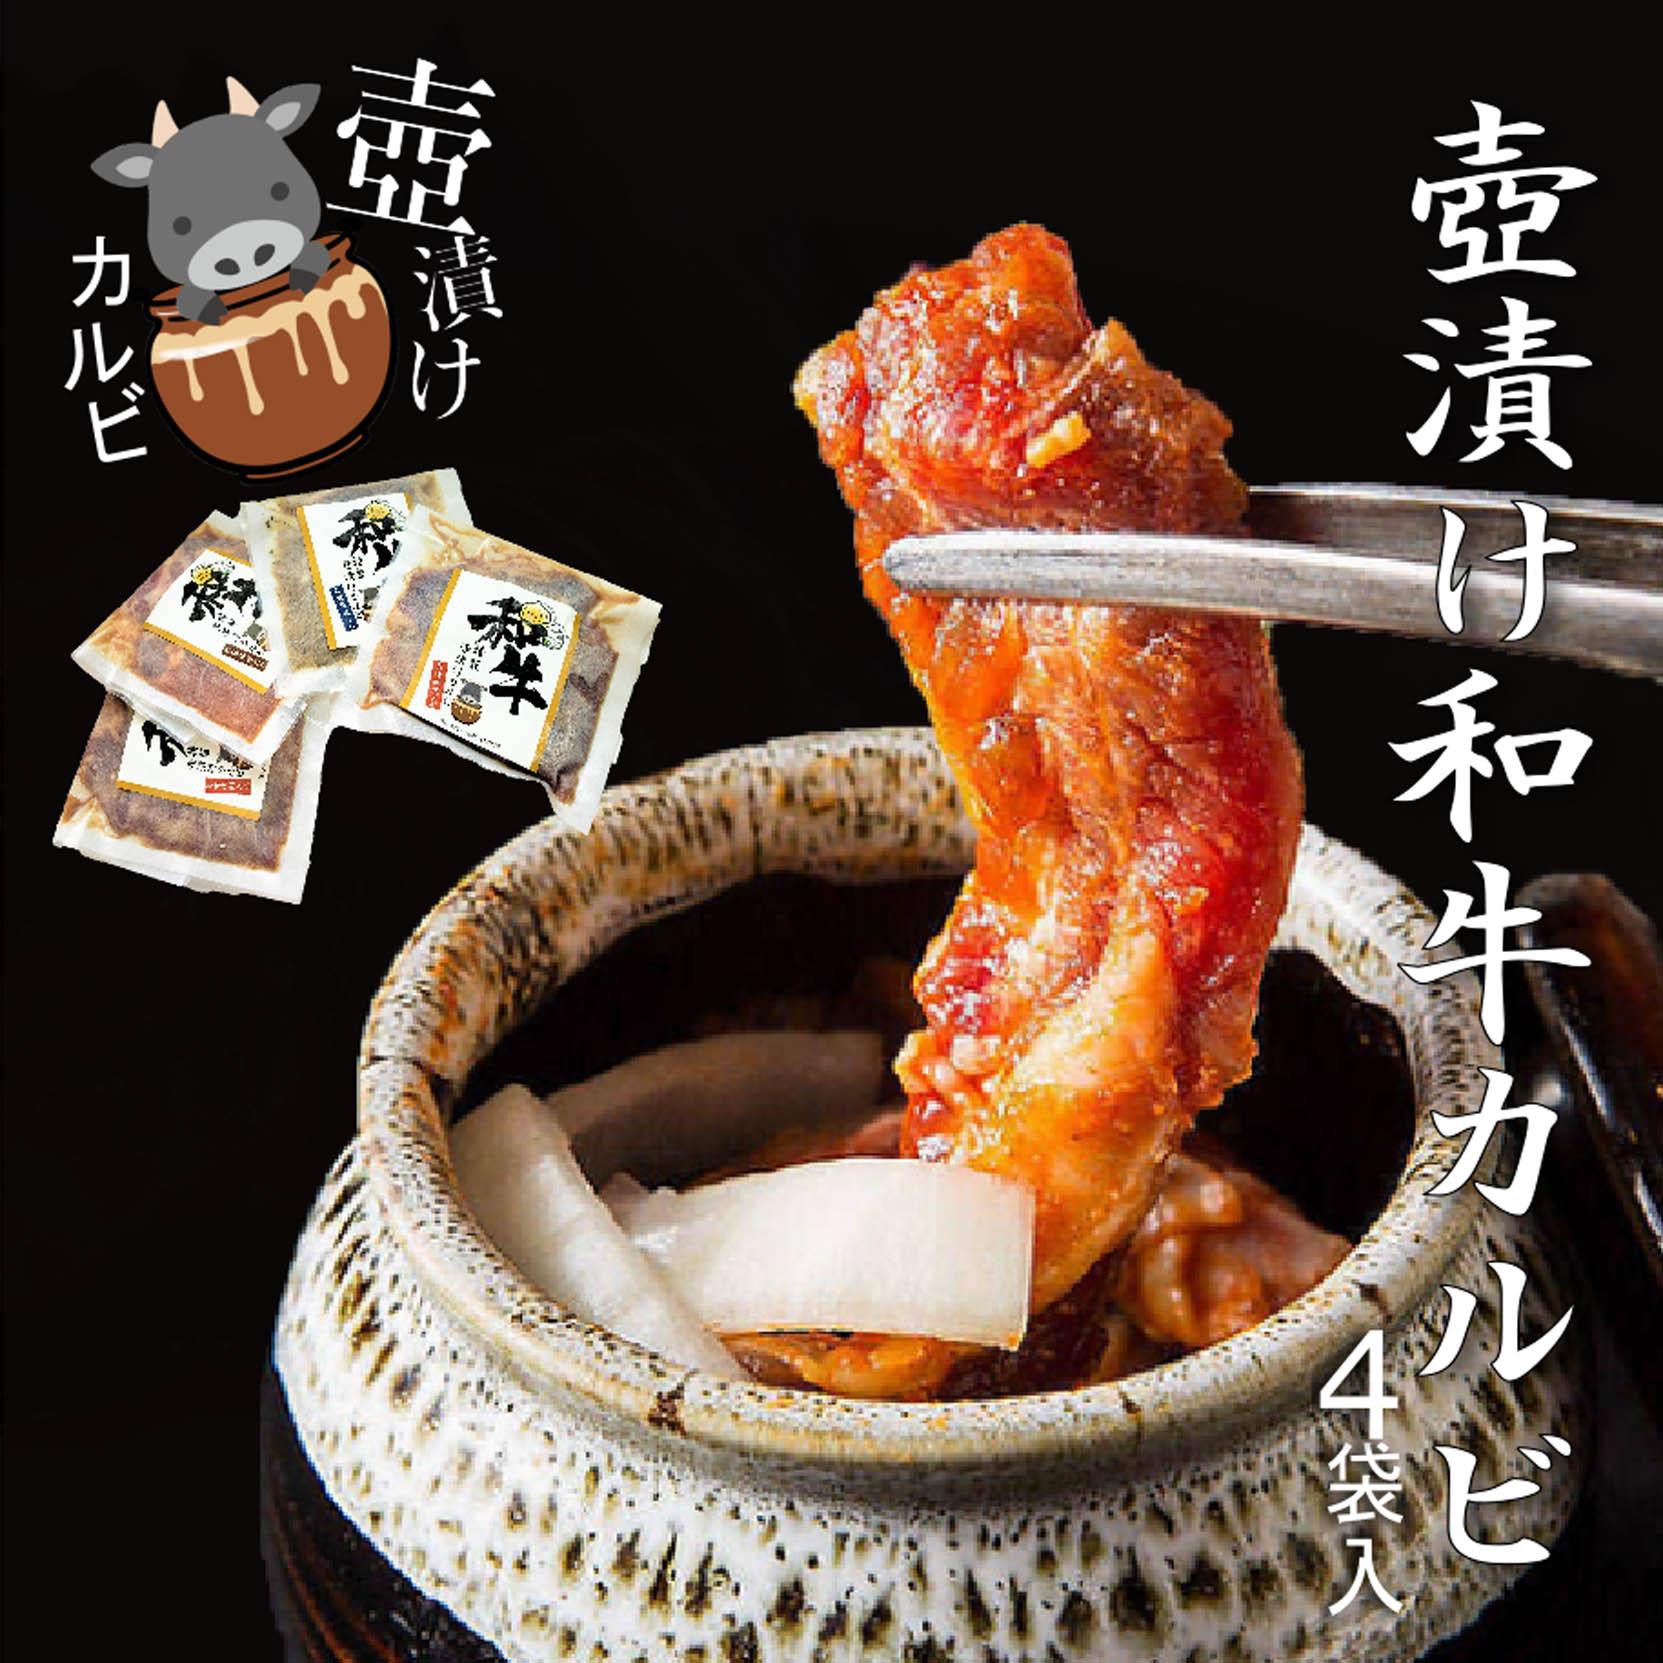 味付牛カルビ旨味焼肉たれ漬け(110g×4袋)